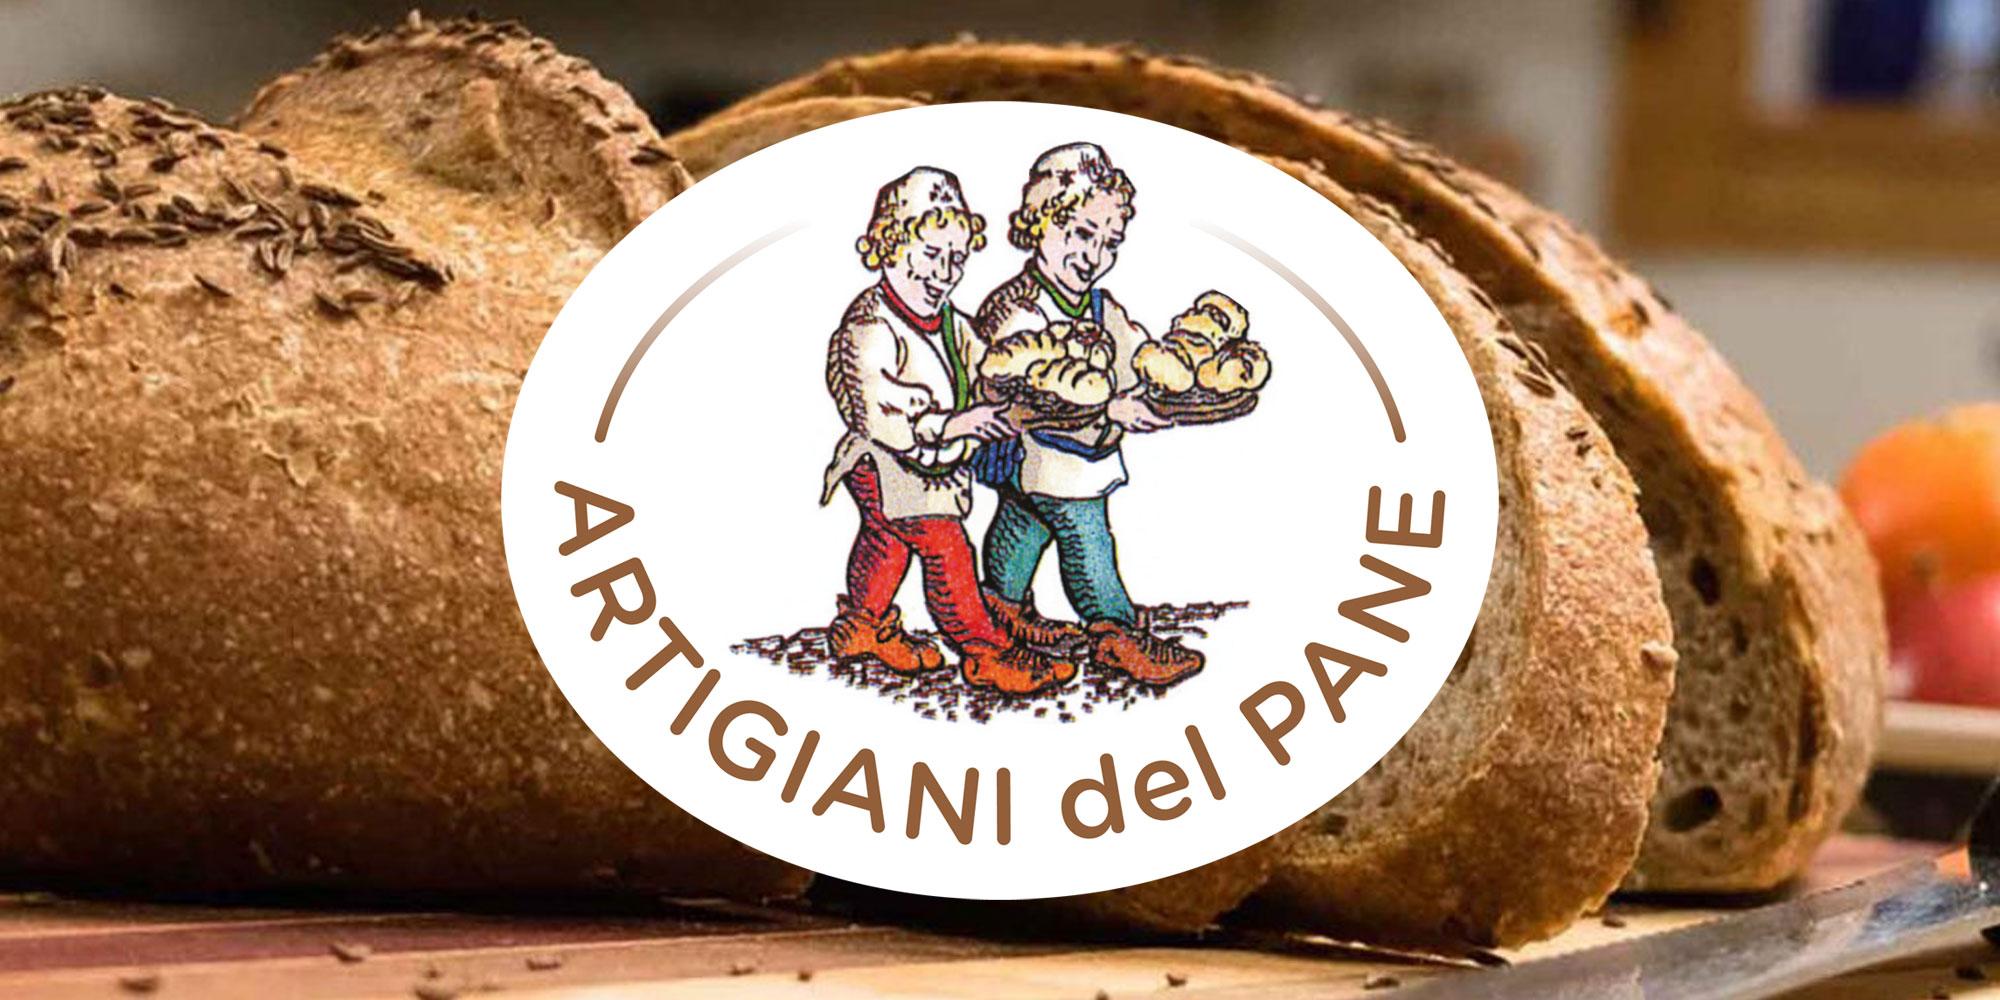 Artigiani del pane